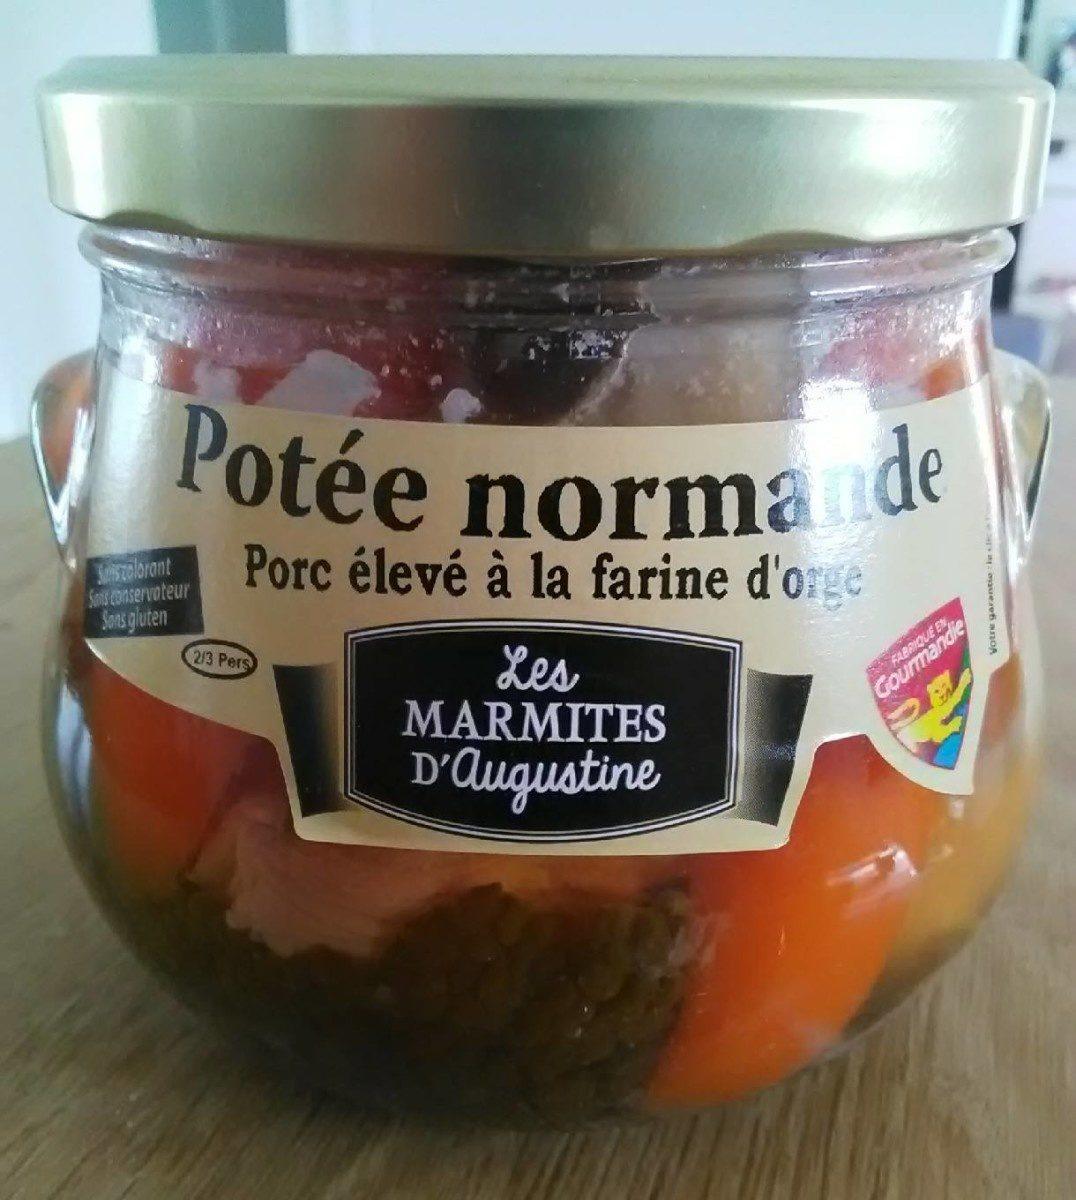 Potée normande porc élevé à la farine d'orge - Produit - fr